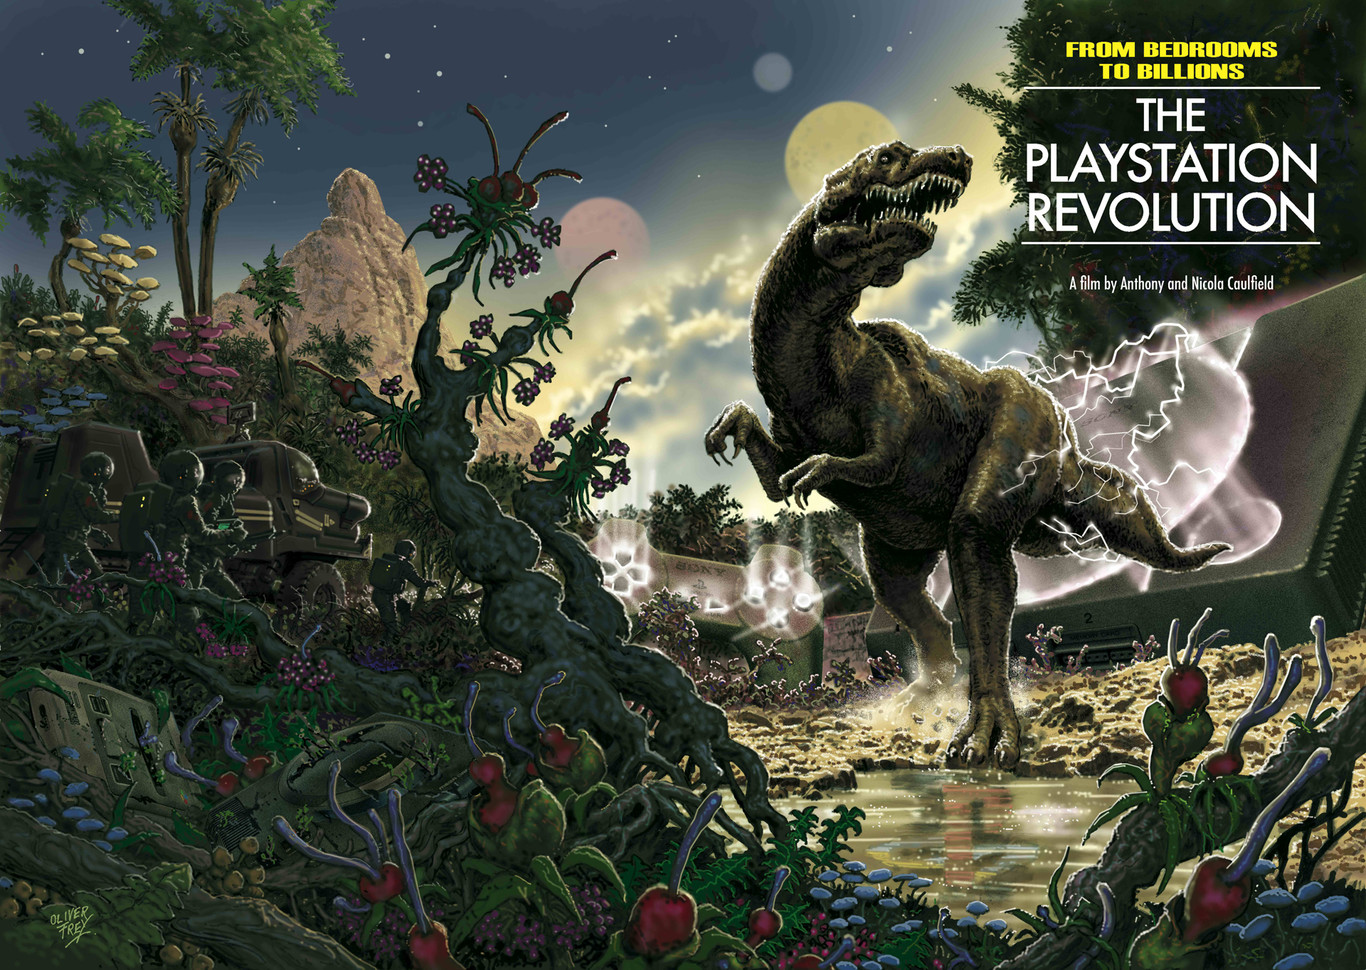 Un documental de PlayStation, con entrevistas a personalidades, se estrena en septiembre